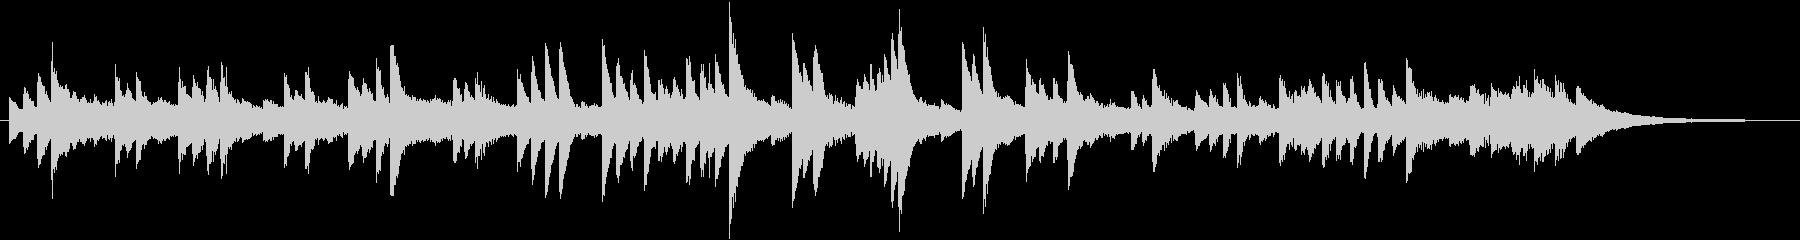 センチメンタルなメロディのピアノジングルの未再生の波形